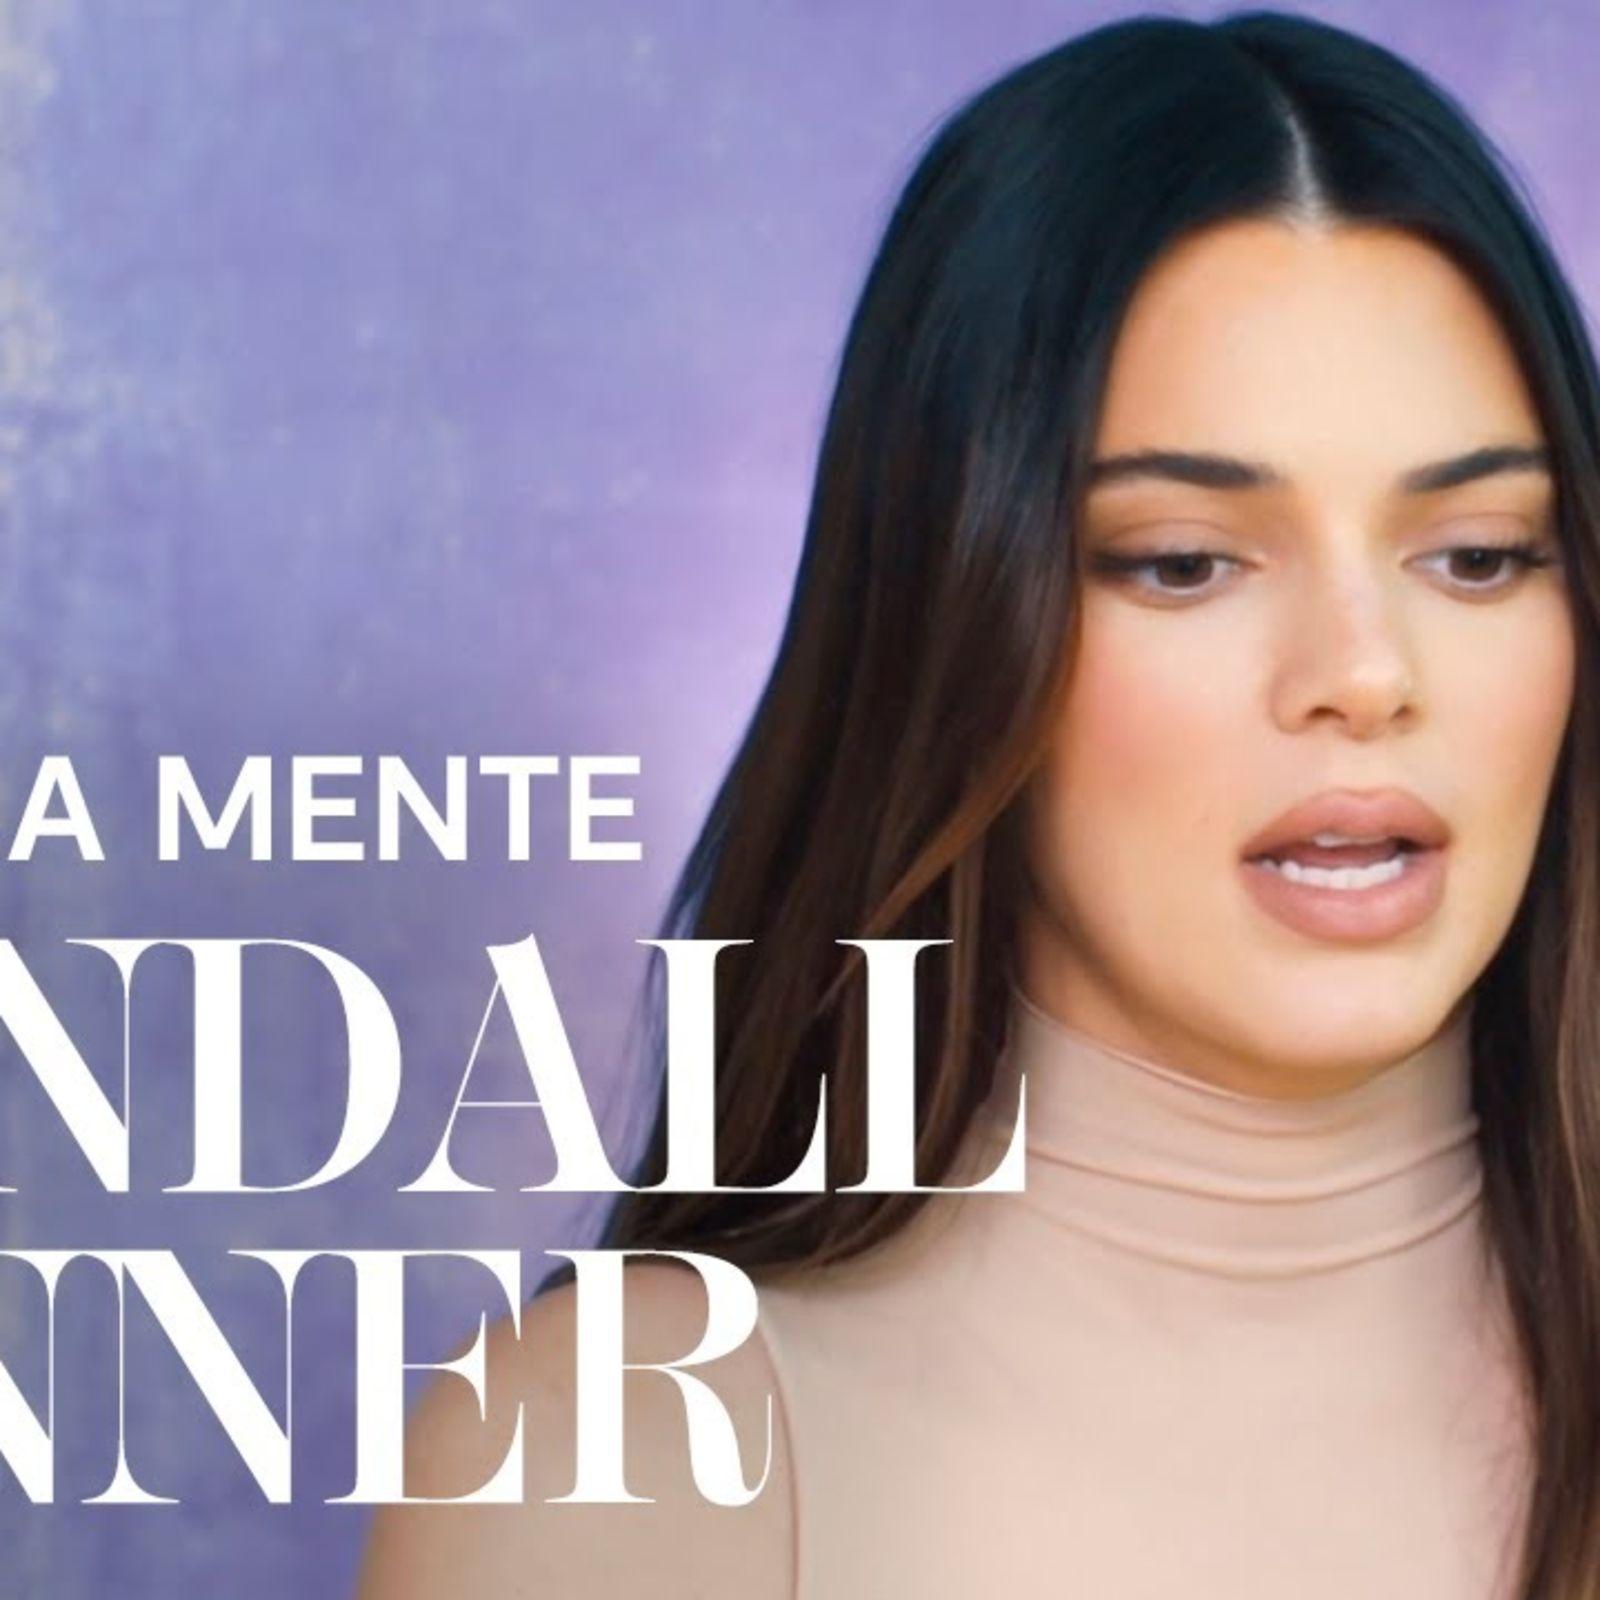 Kendall Jenner y la ansiedad que generan las redes sociales | Abrir la mente